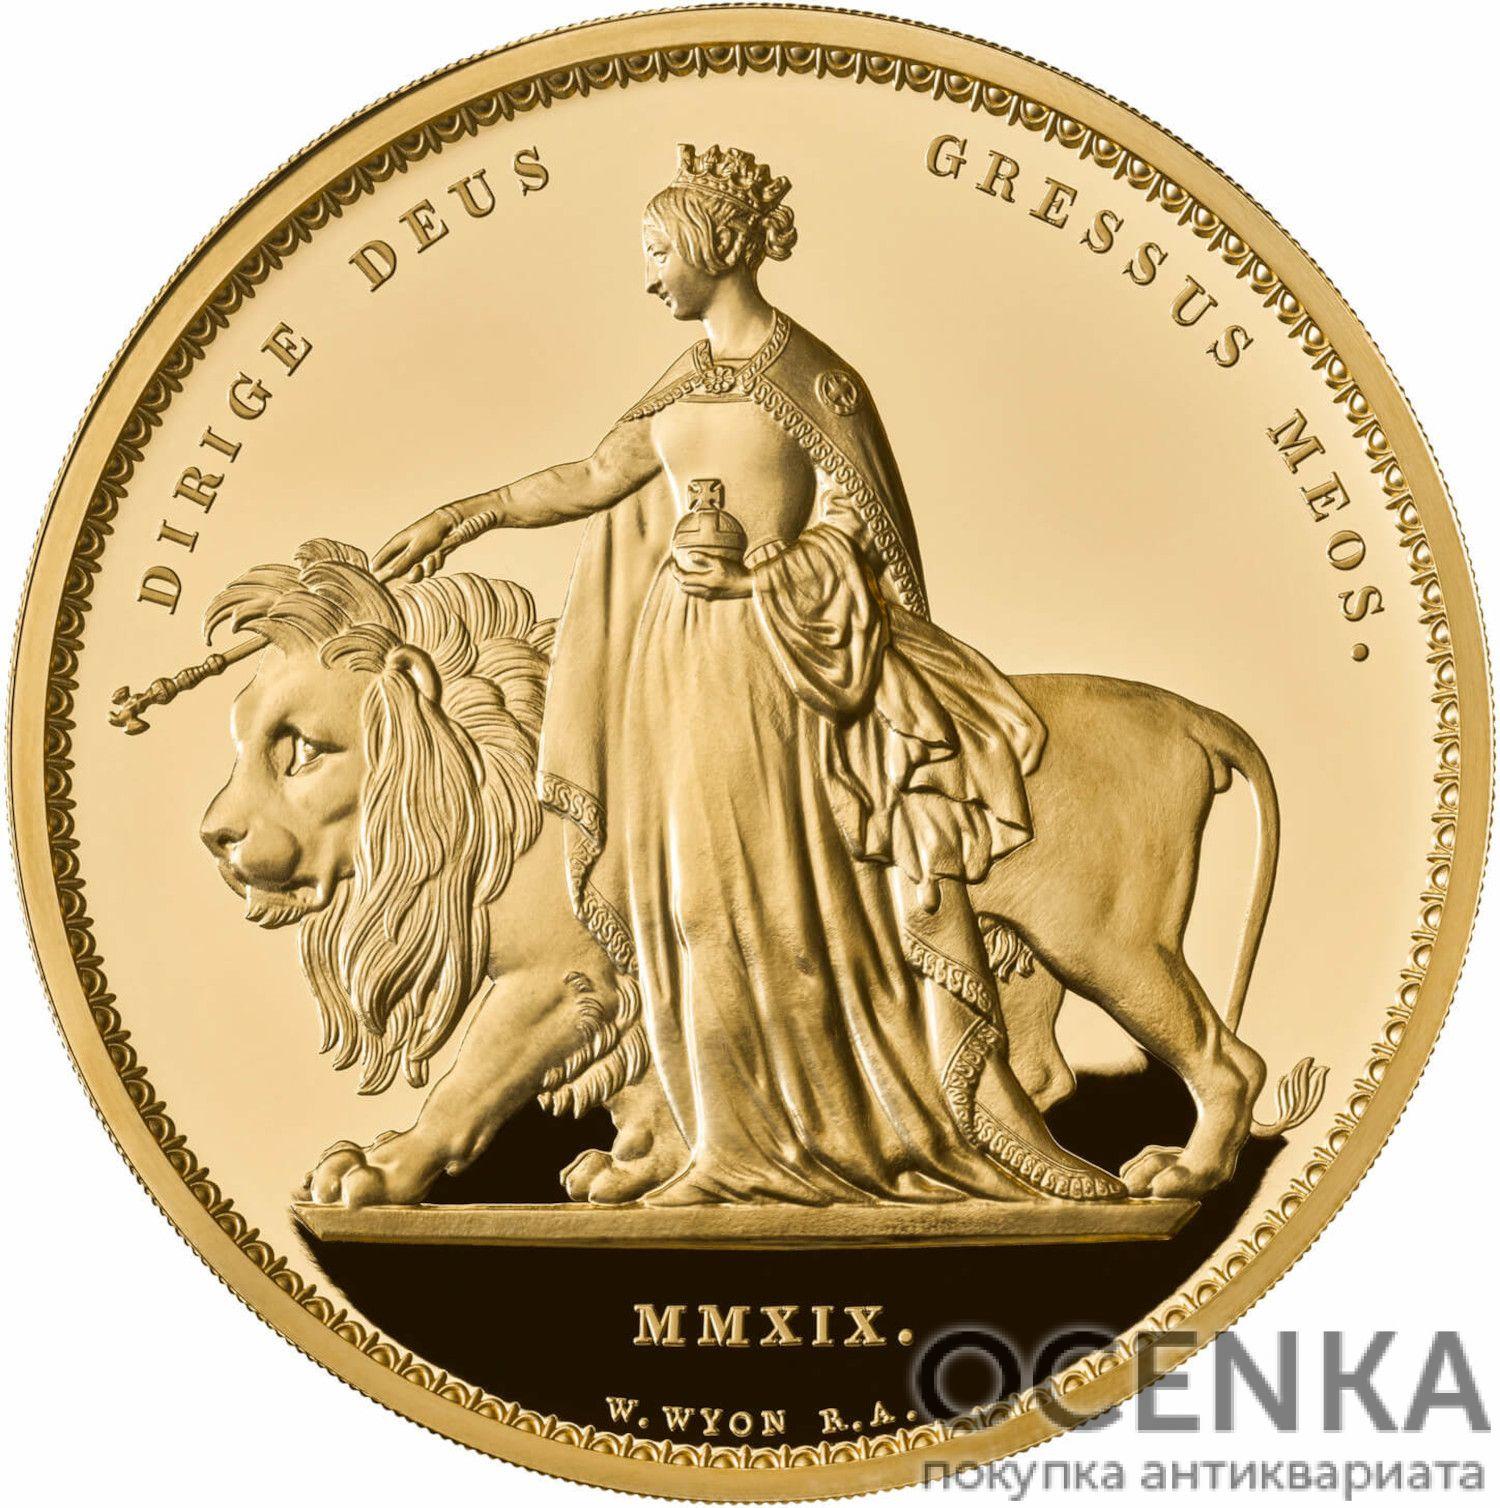 Золотая монета 500 Pounds (500 фунтов) Великобритания - 1